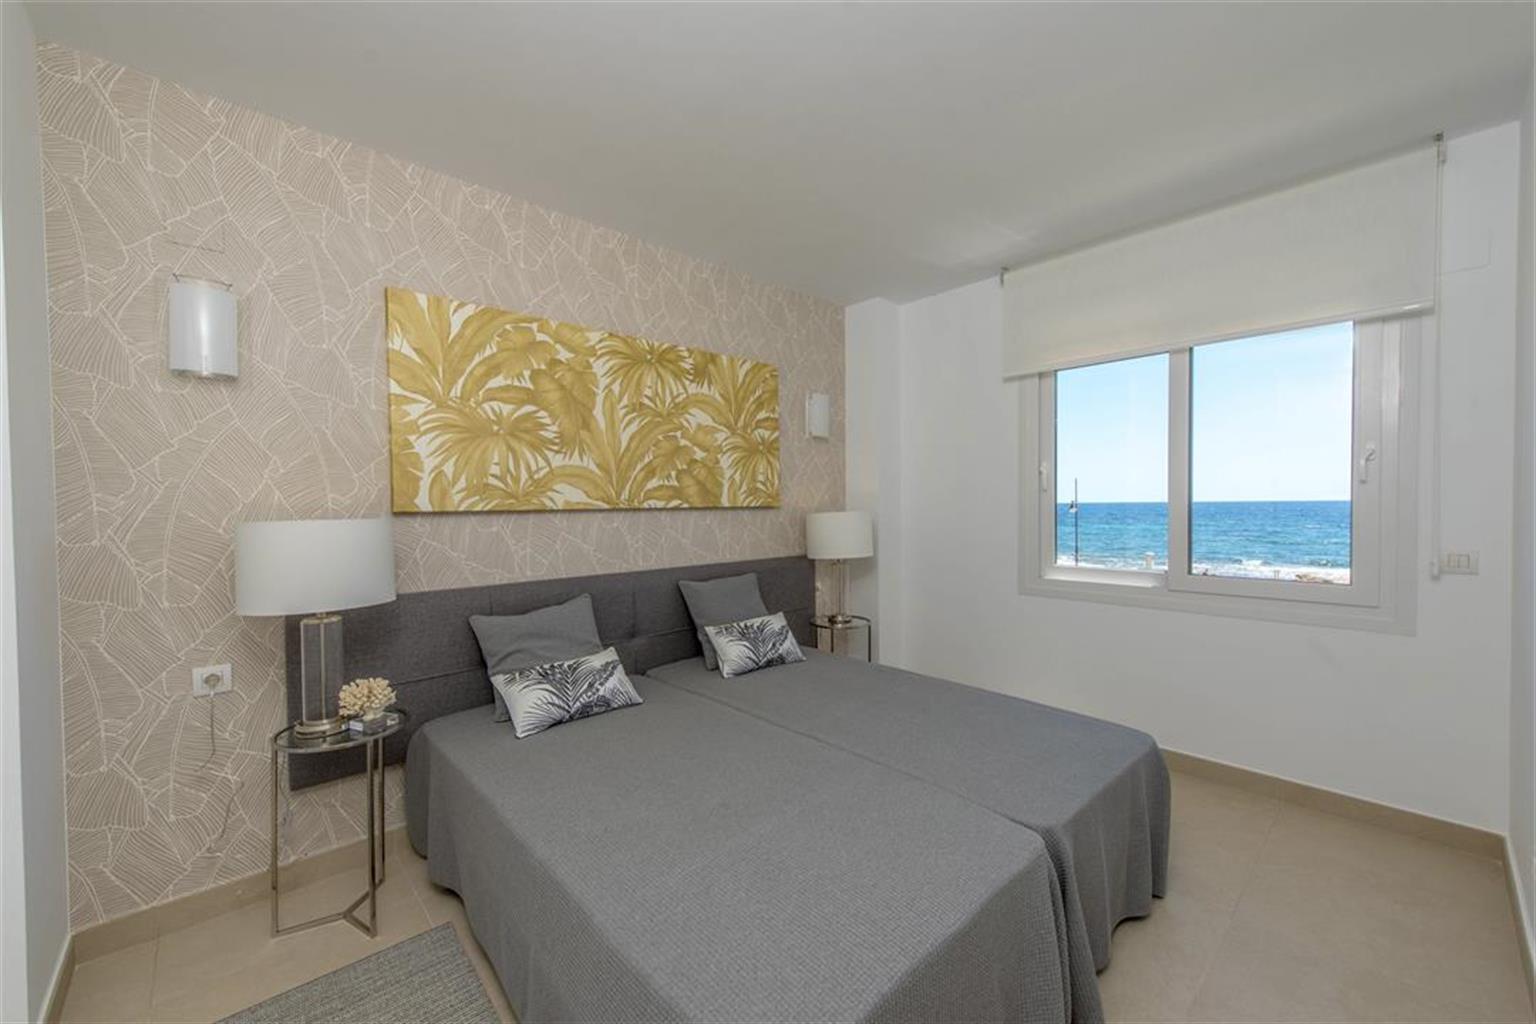 Appartement - Punta Prima - #4231445-11